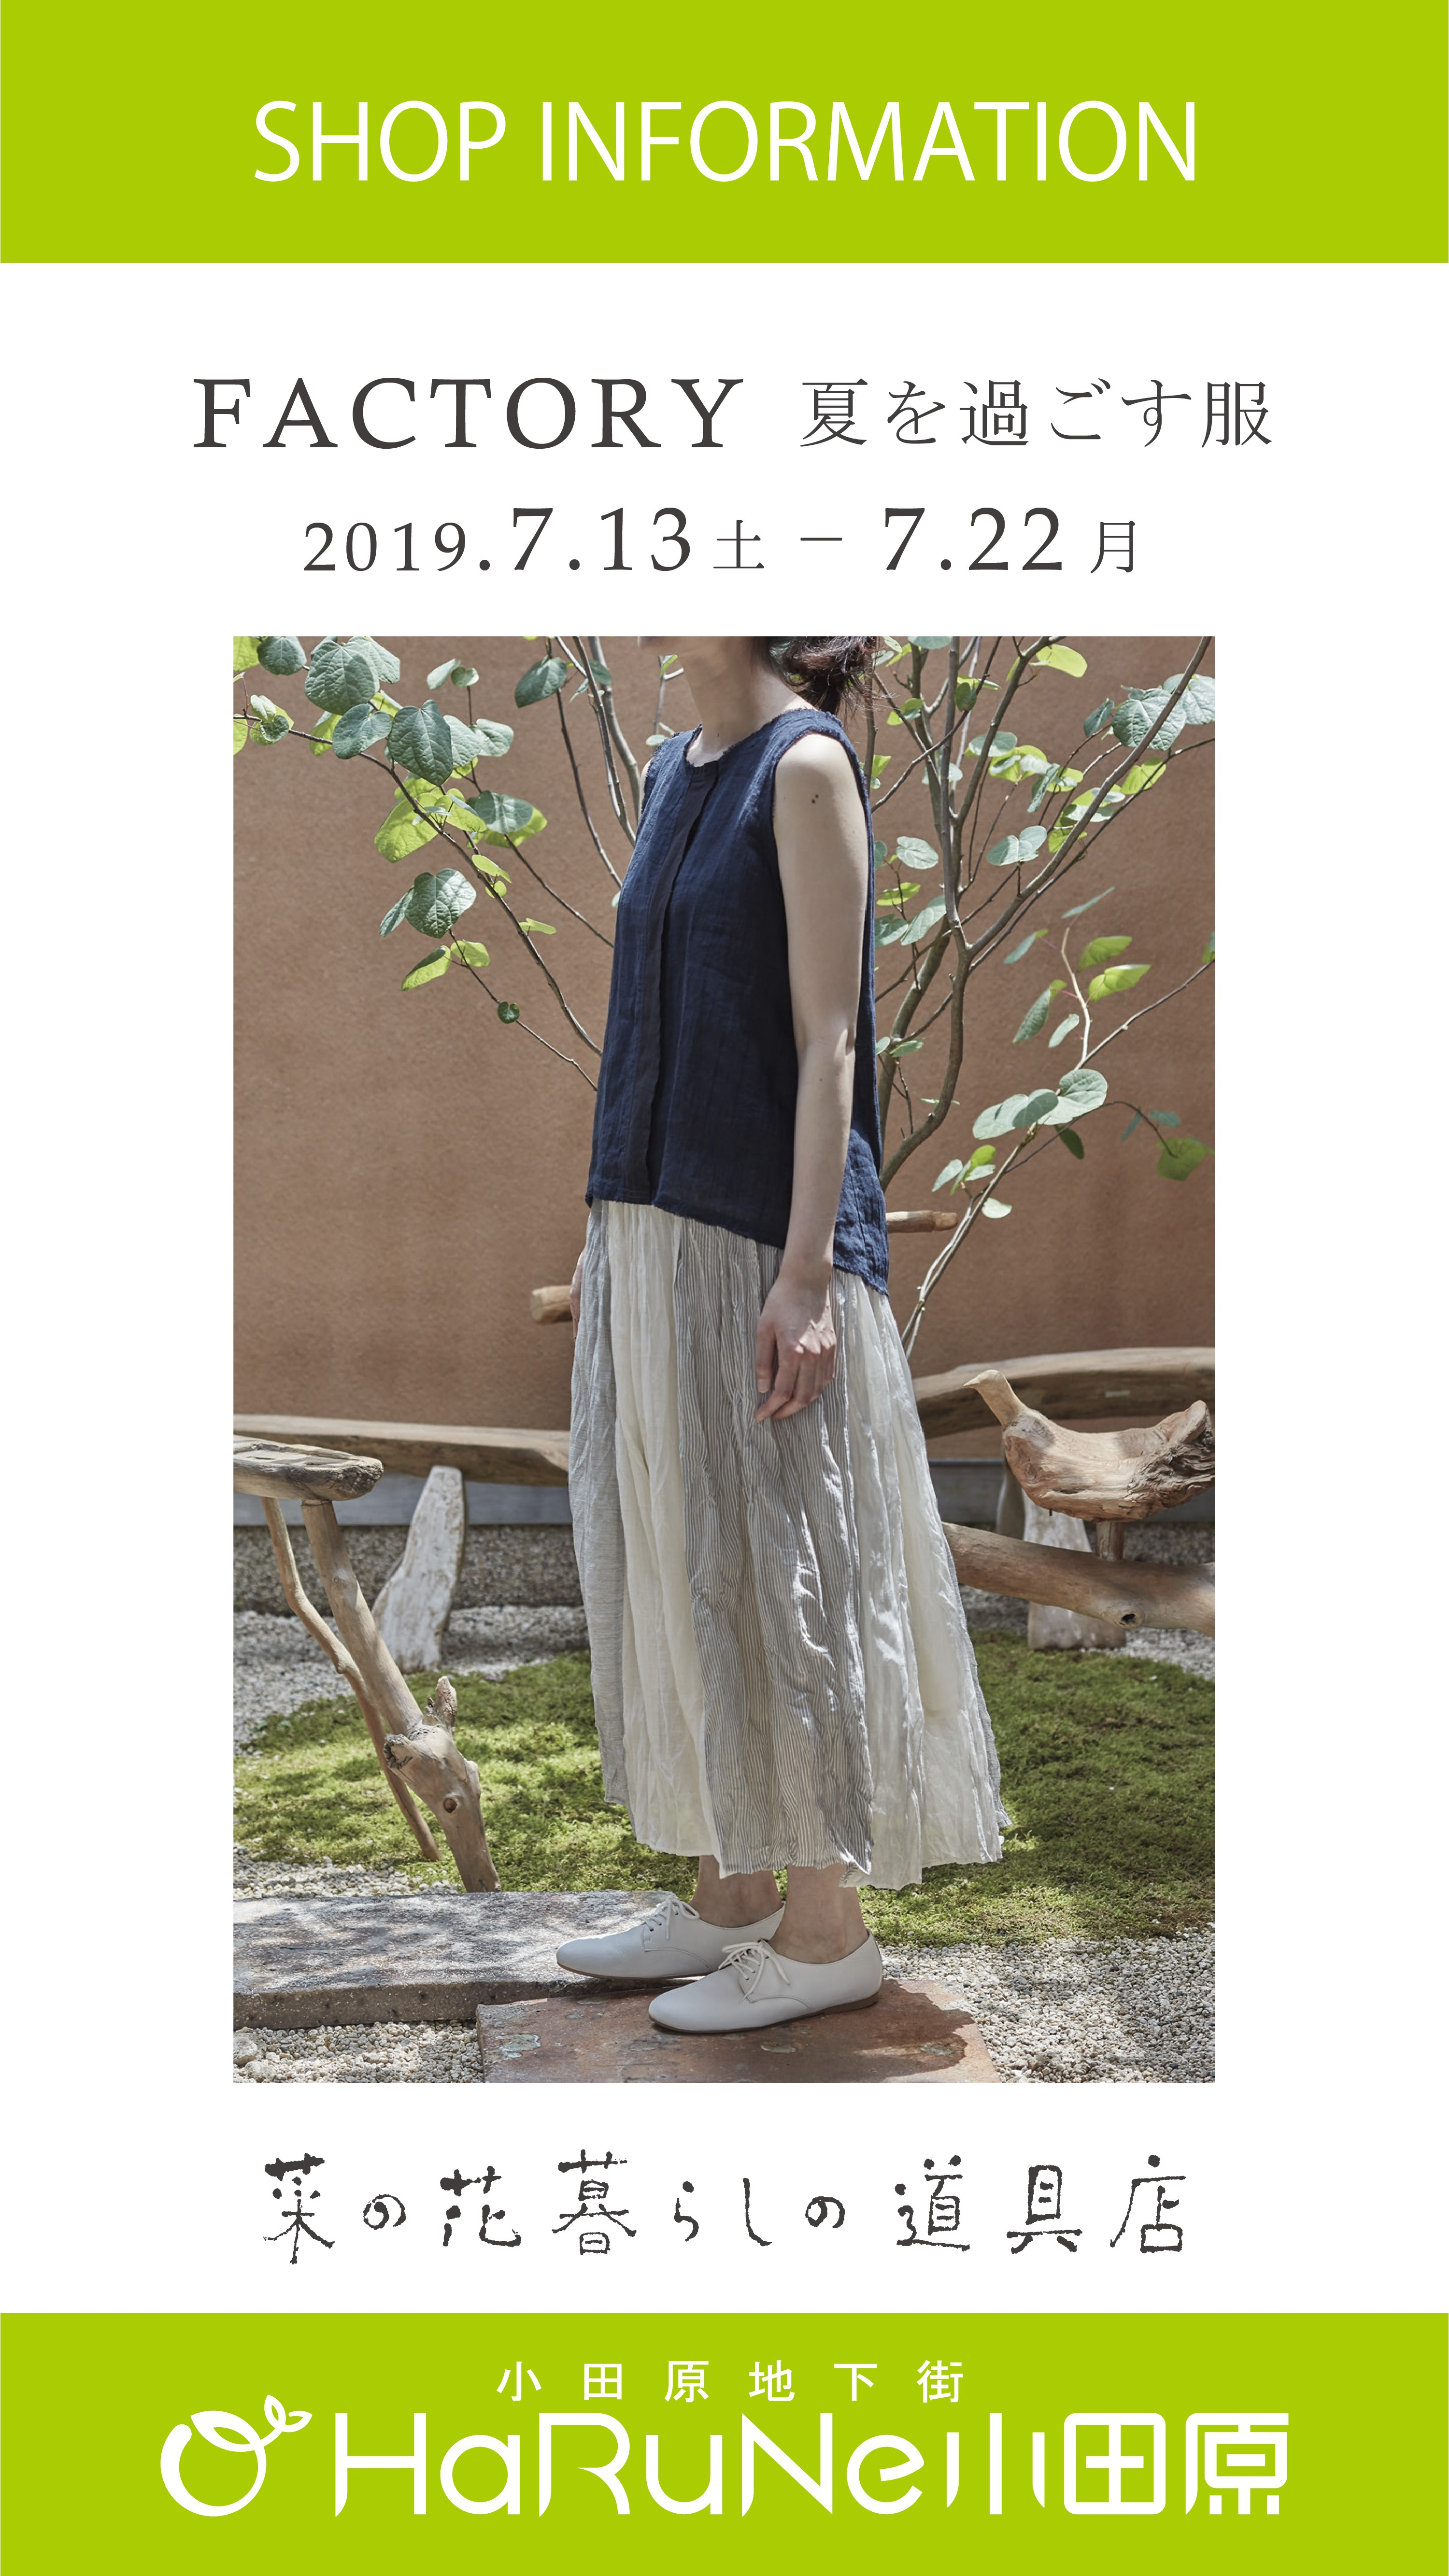 【菜の花ヴィレッジ】菜の花 暮らしの道具店の「FACTORYの夏服展」